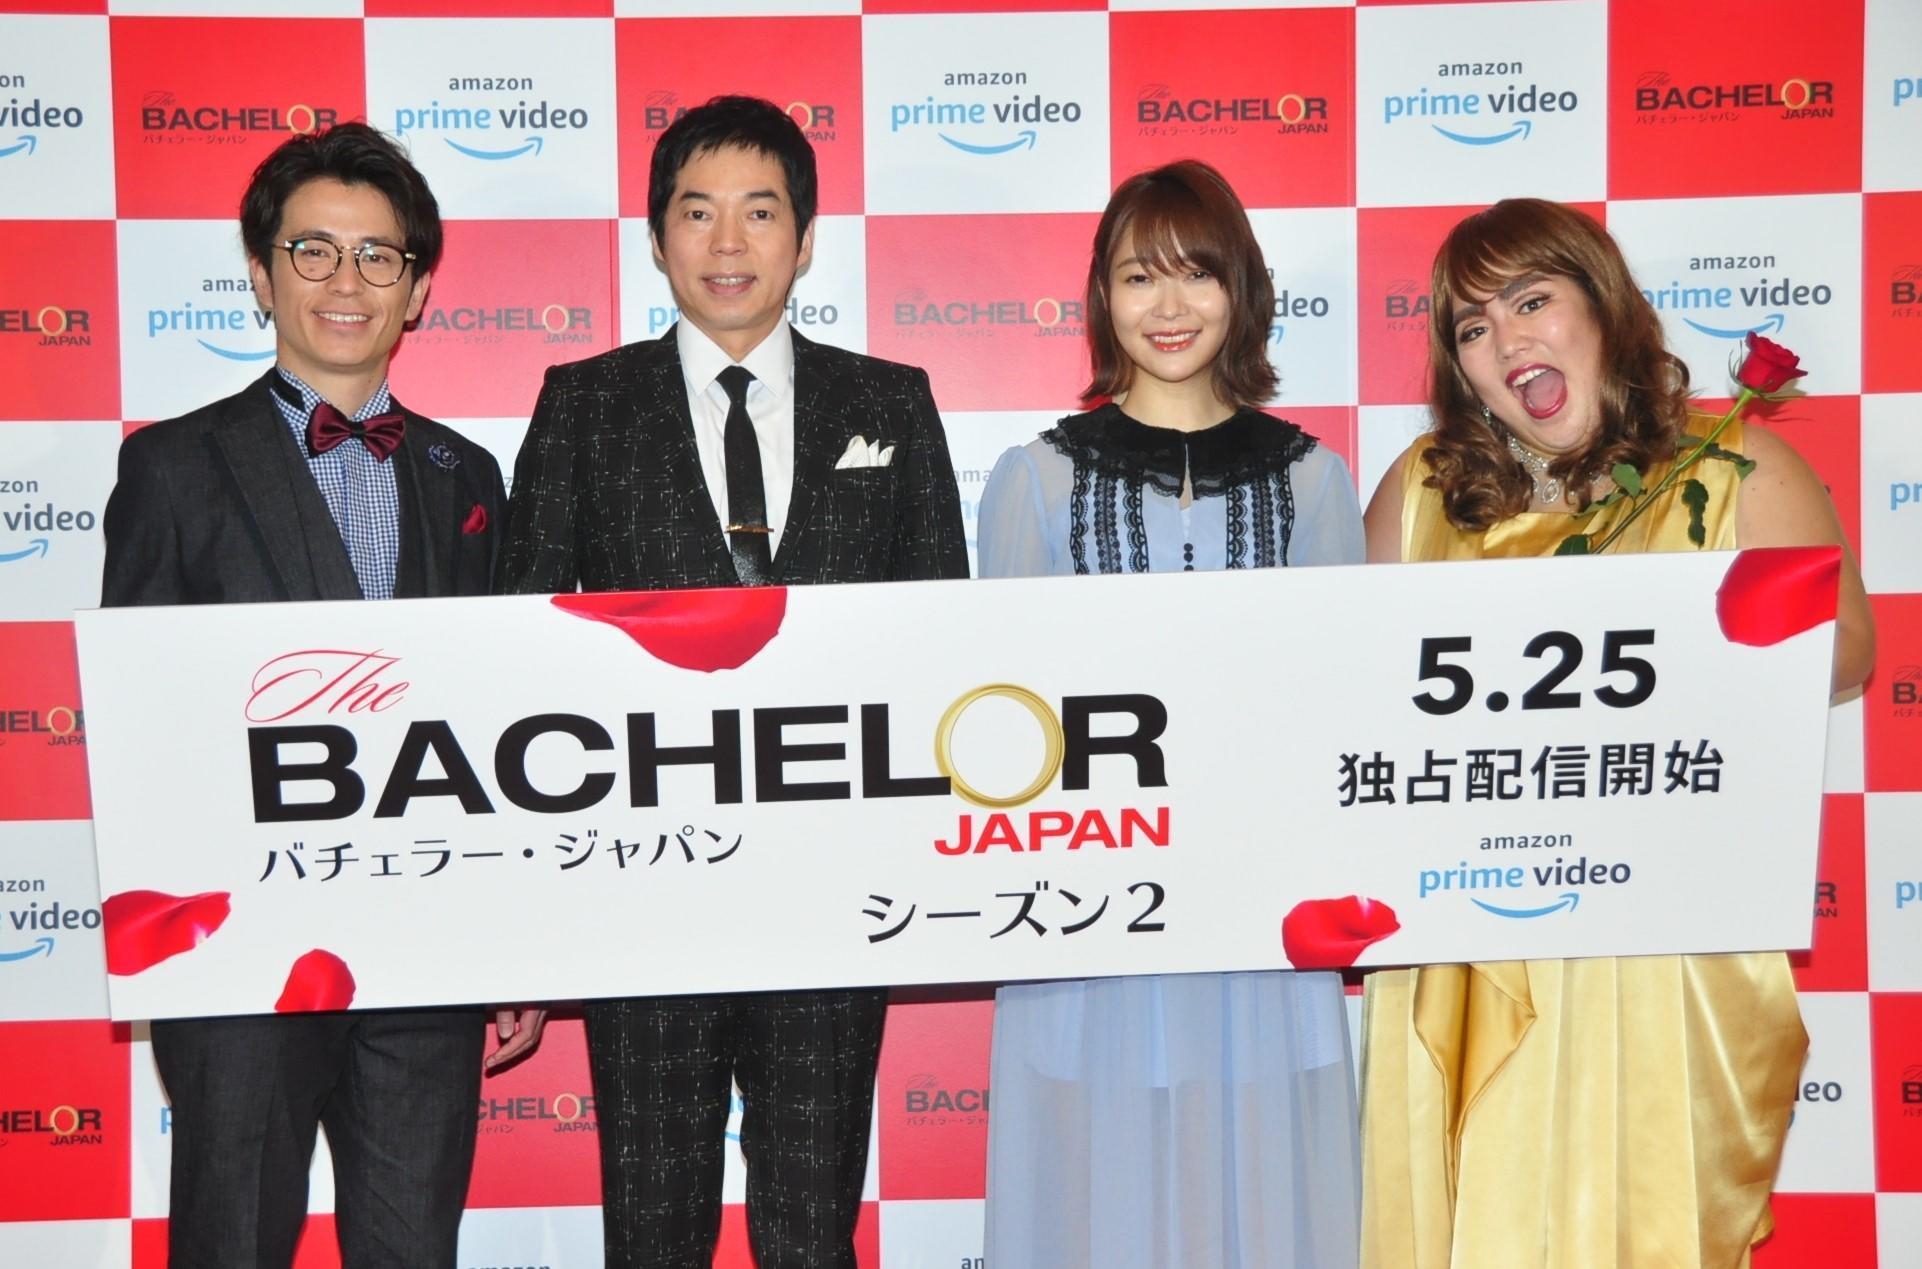 http://news.yoshimoto.co.jp/20180525084529-299dc9d4043bf854d6d1e7e4169d1c259b216f09.jpg